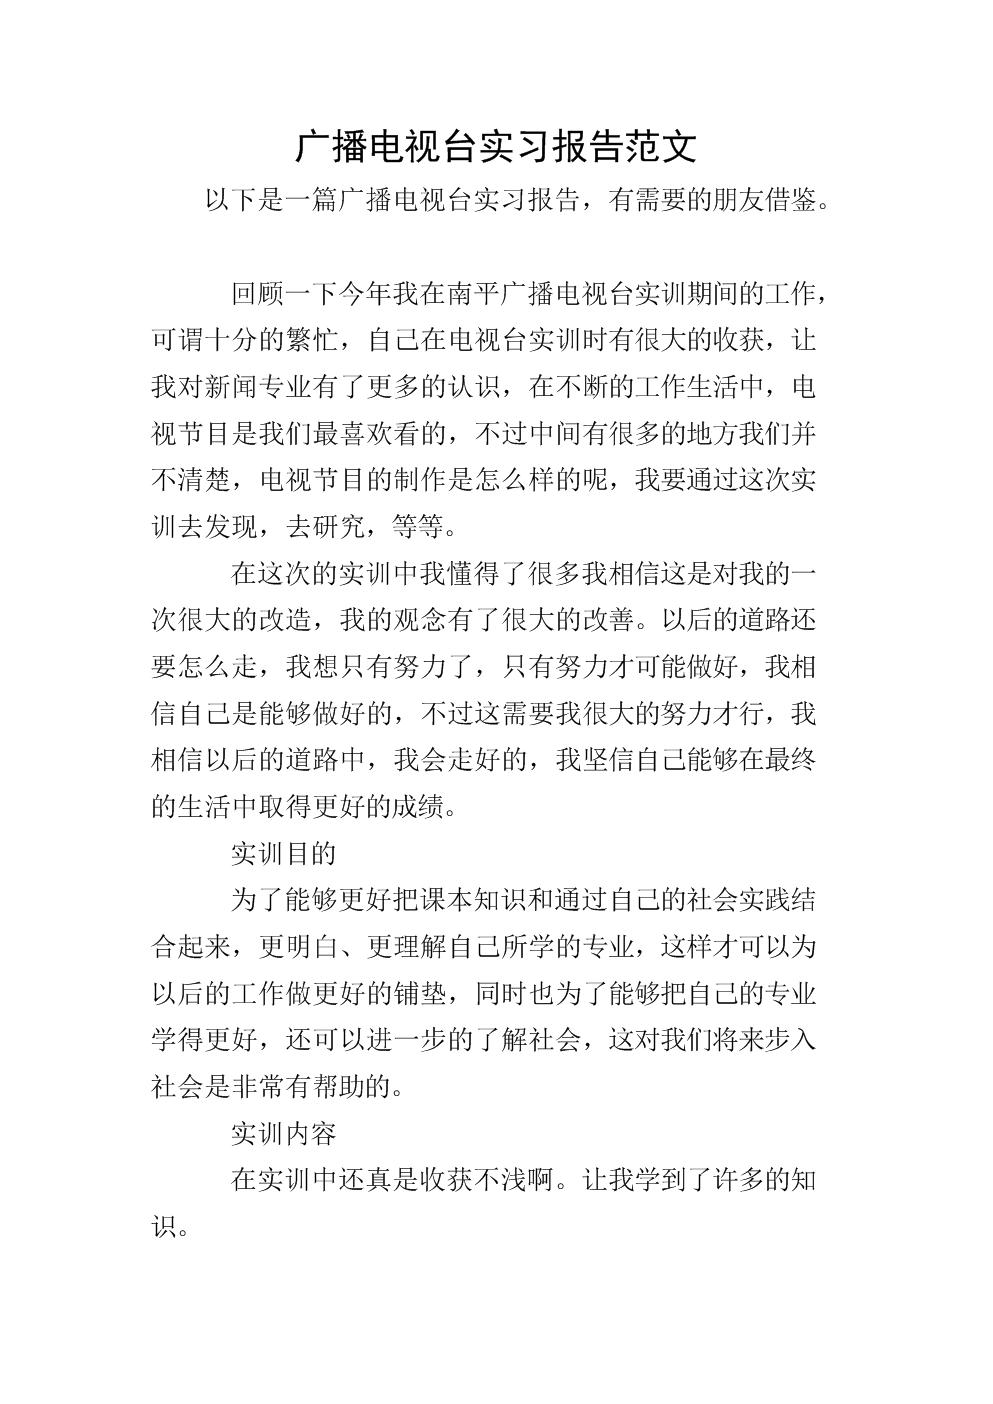 广播电视台实习报告范文.doc